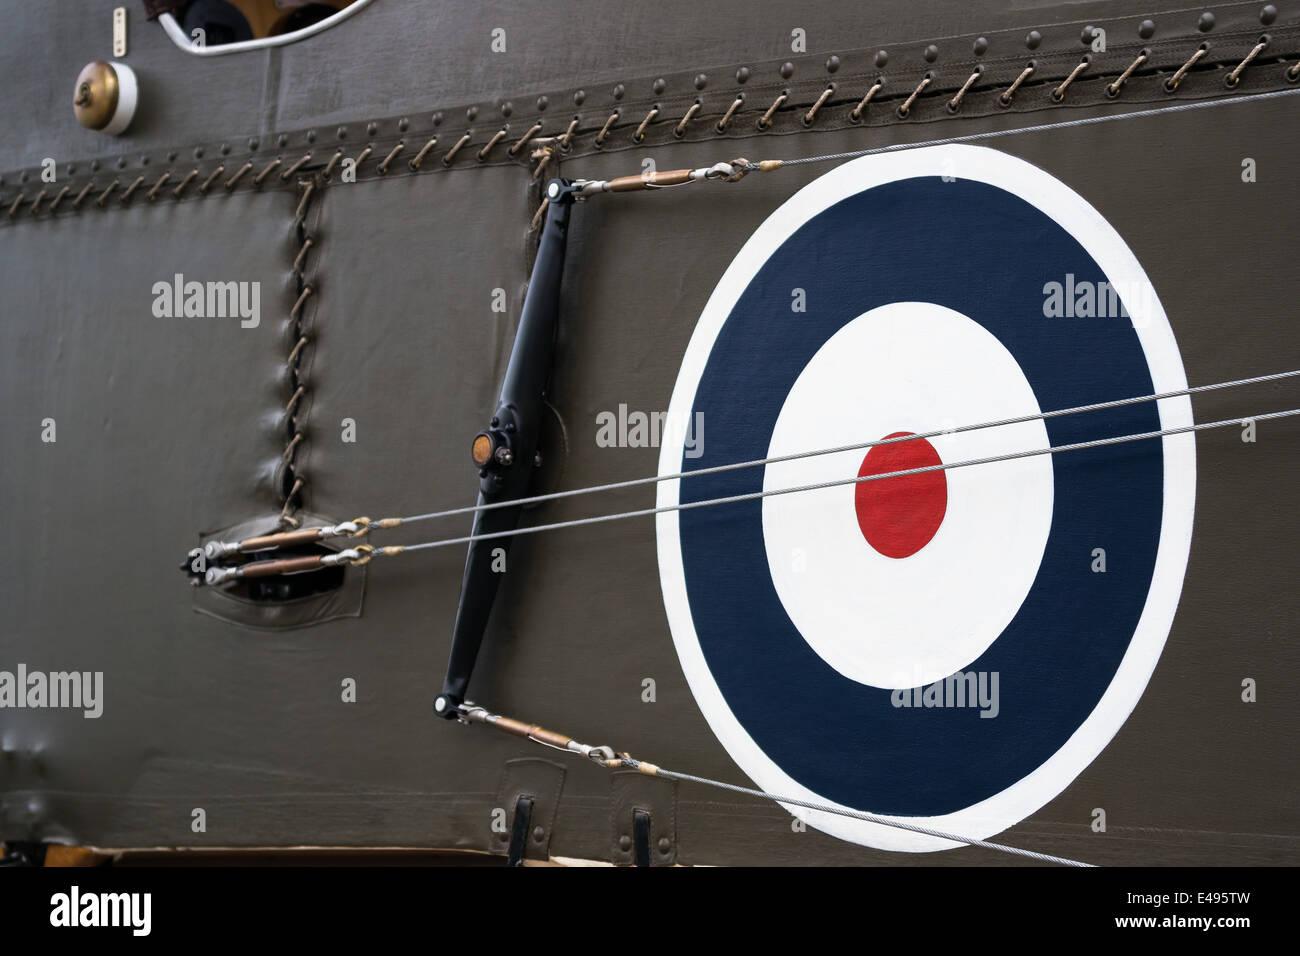 RAF roundel on the side of a plane at Shuttleworth Aerodrome, UK - Stock Image